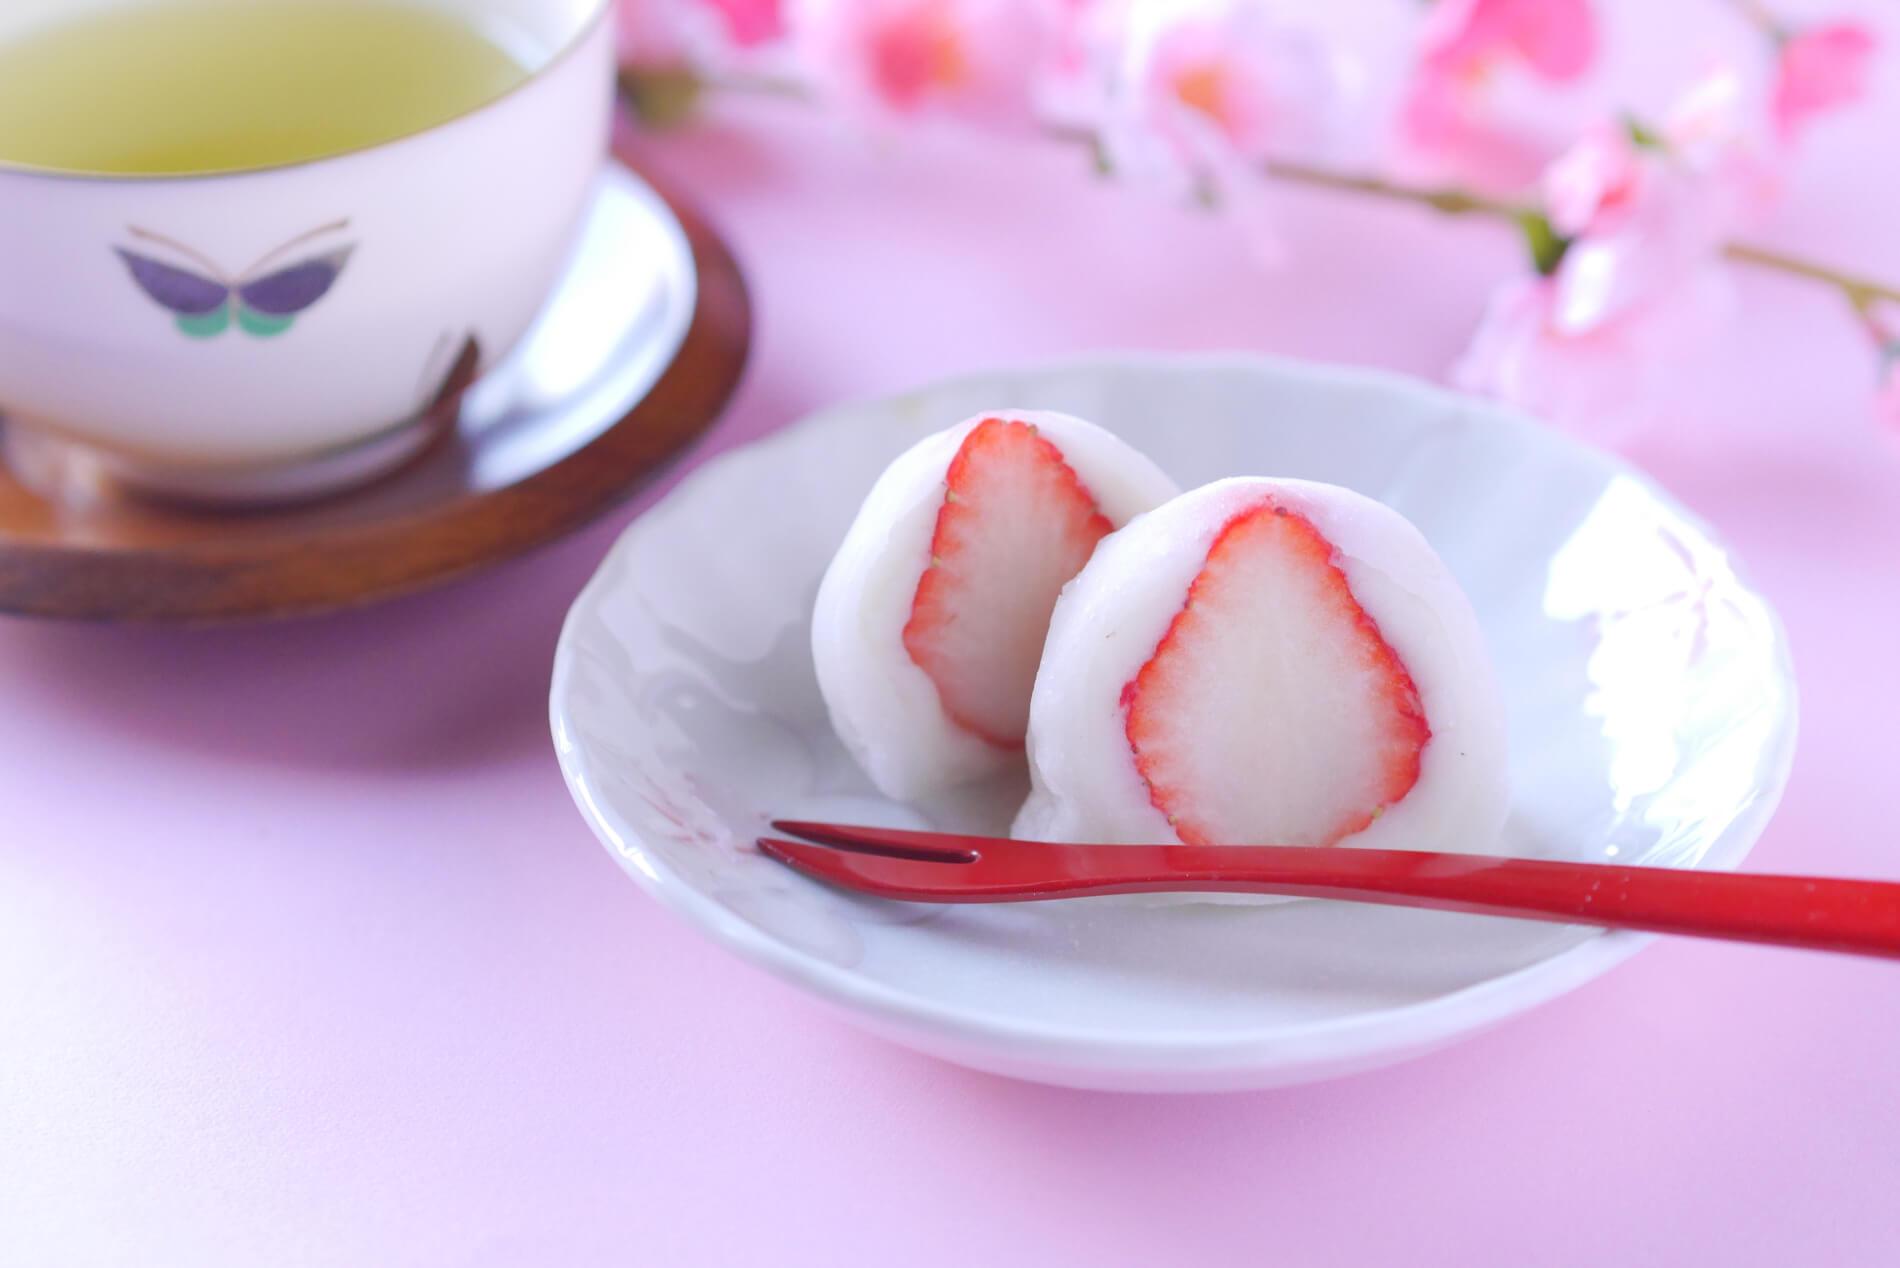 イチゴ大福を手作りすると固くなる?時間が経ってもやわらかい作り方レシピは?